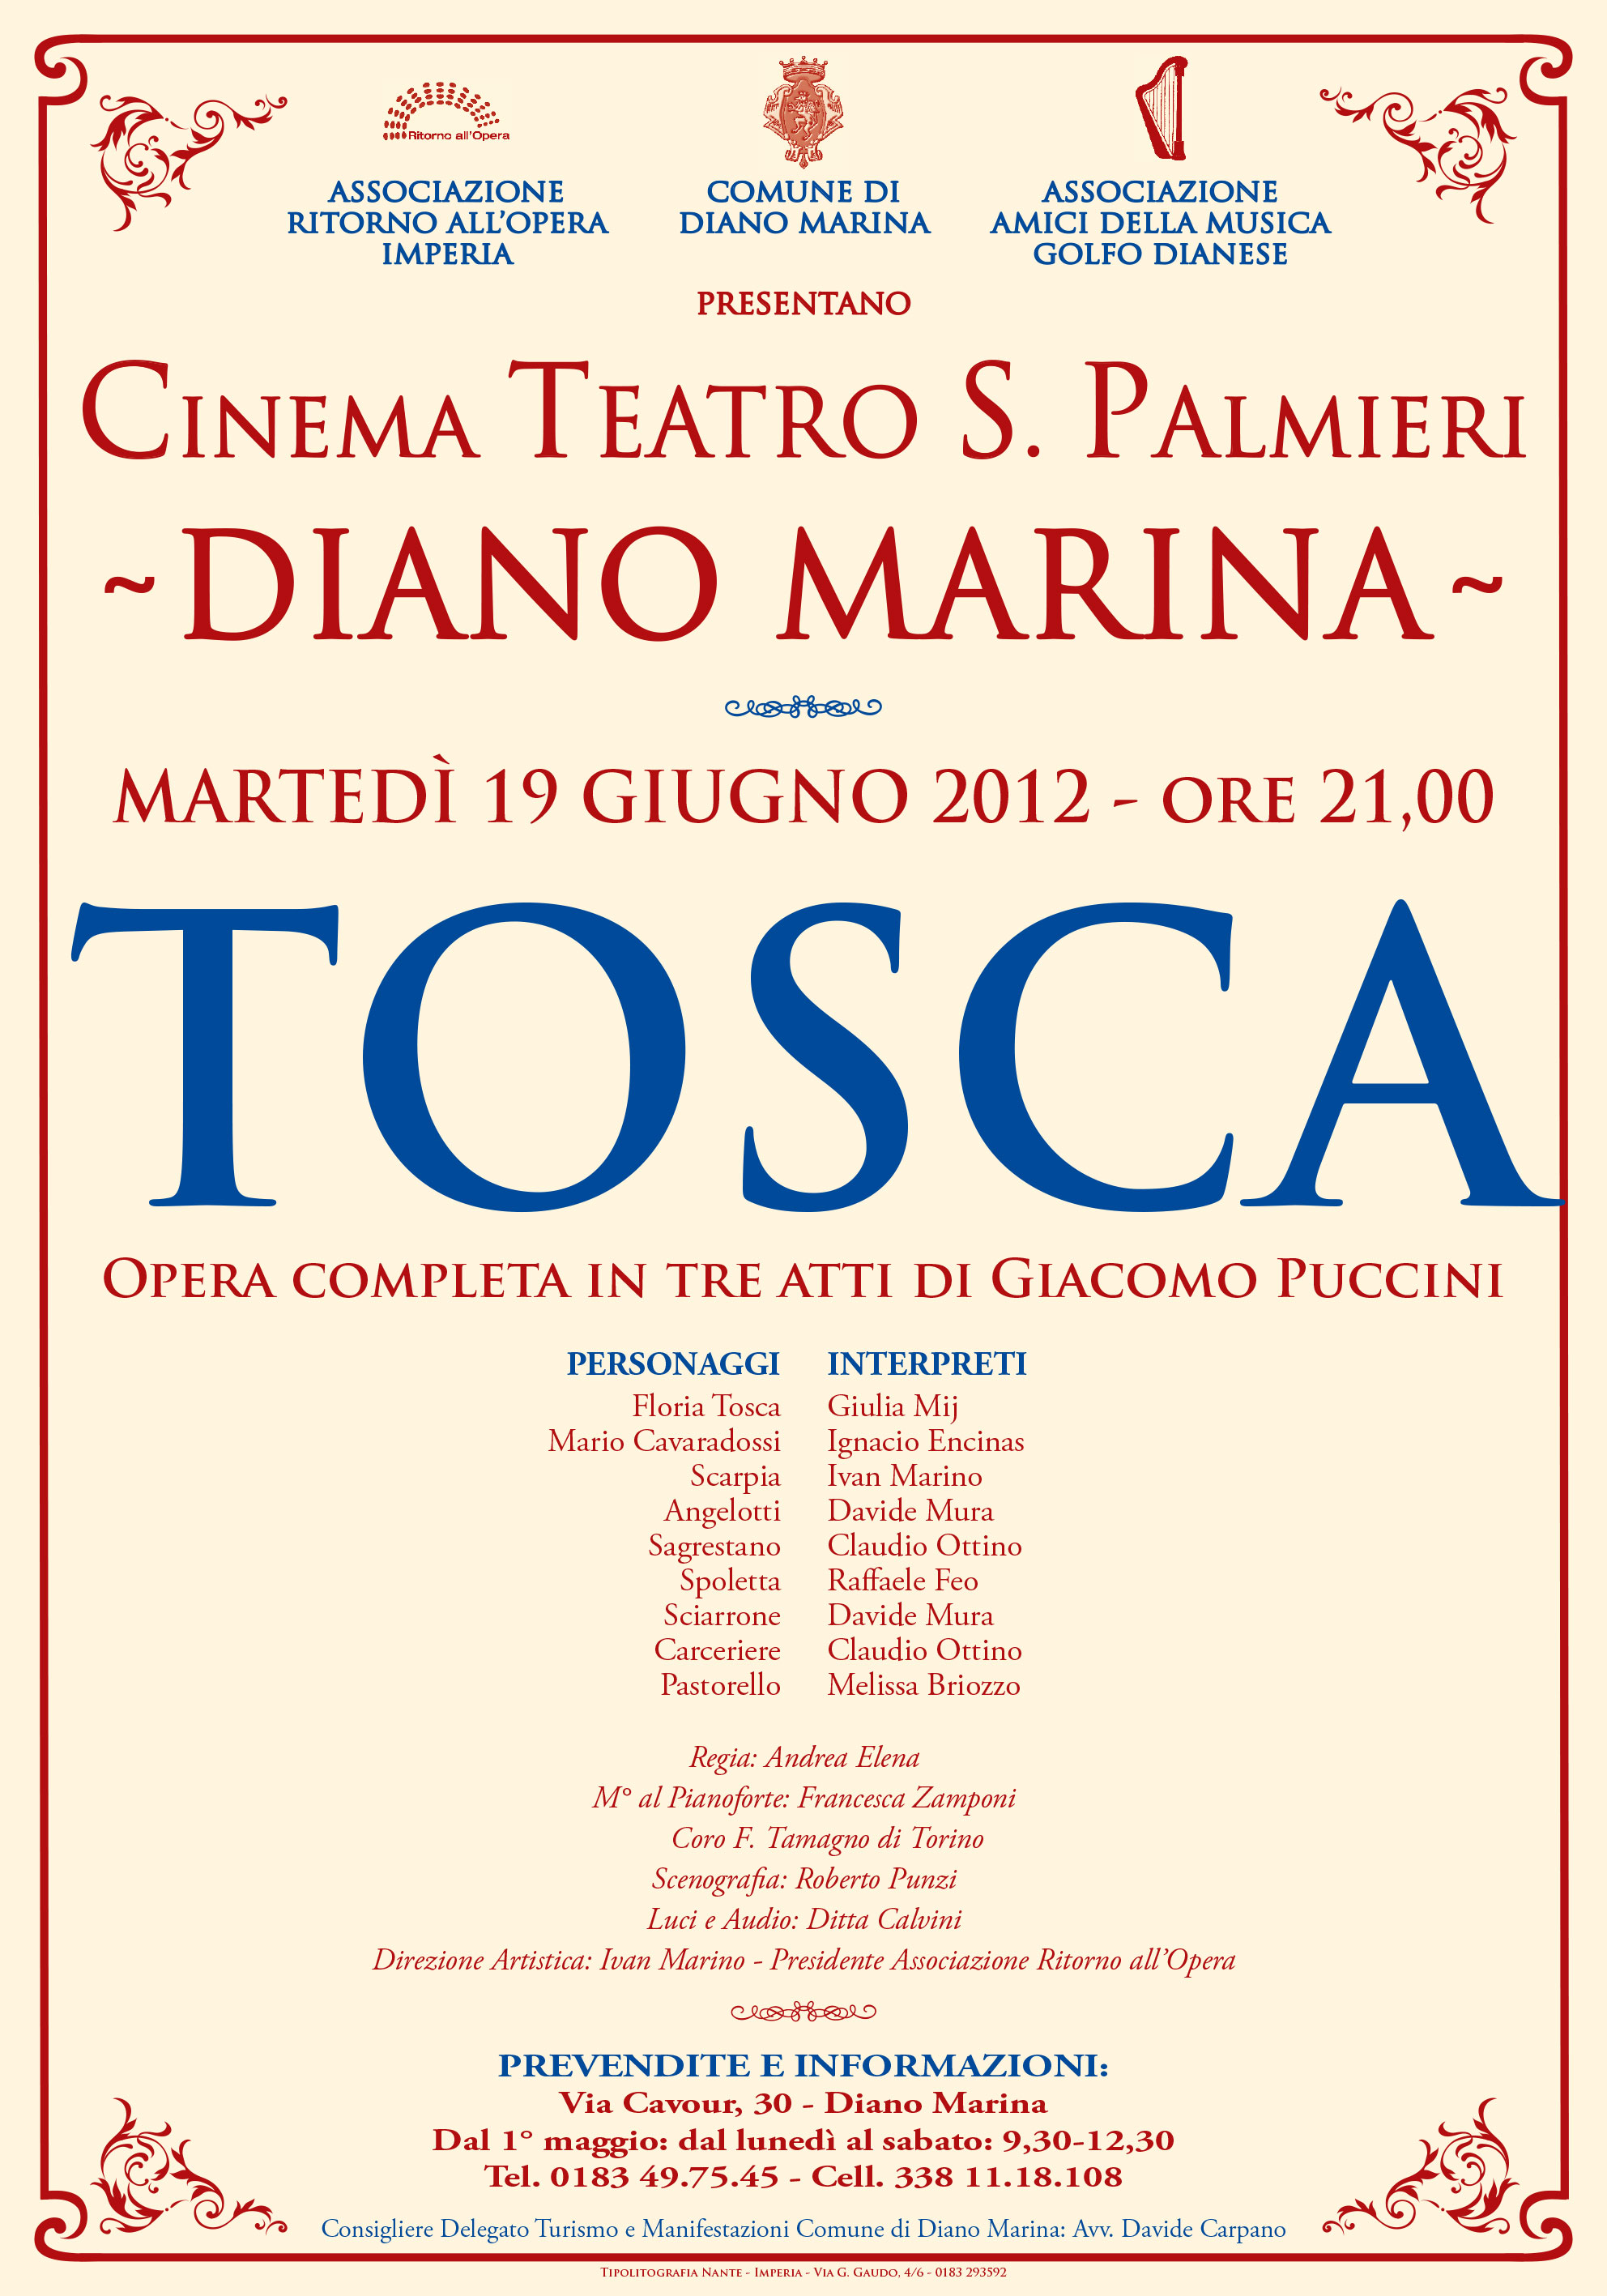 tosca_diano